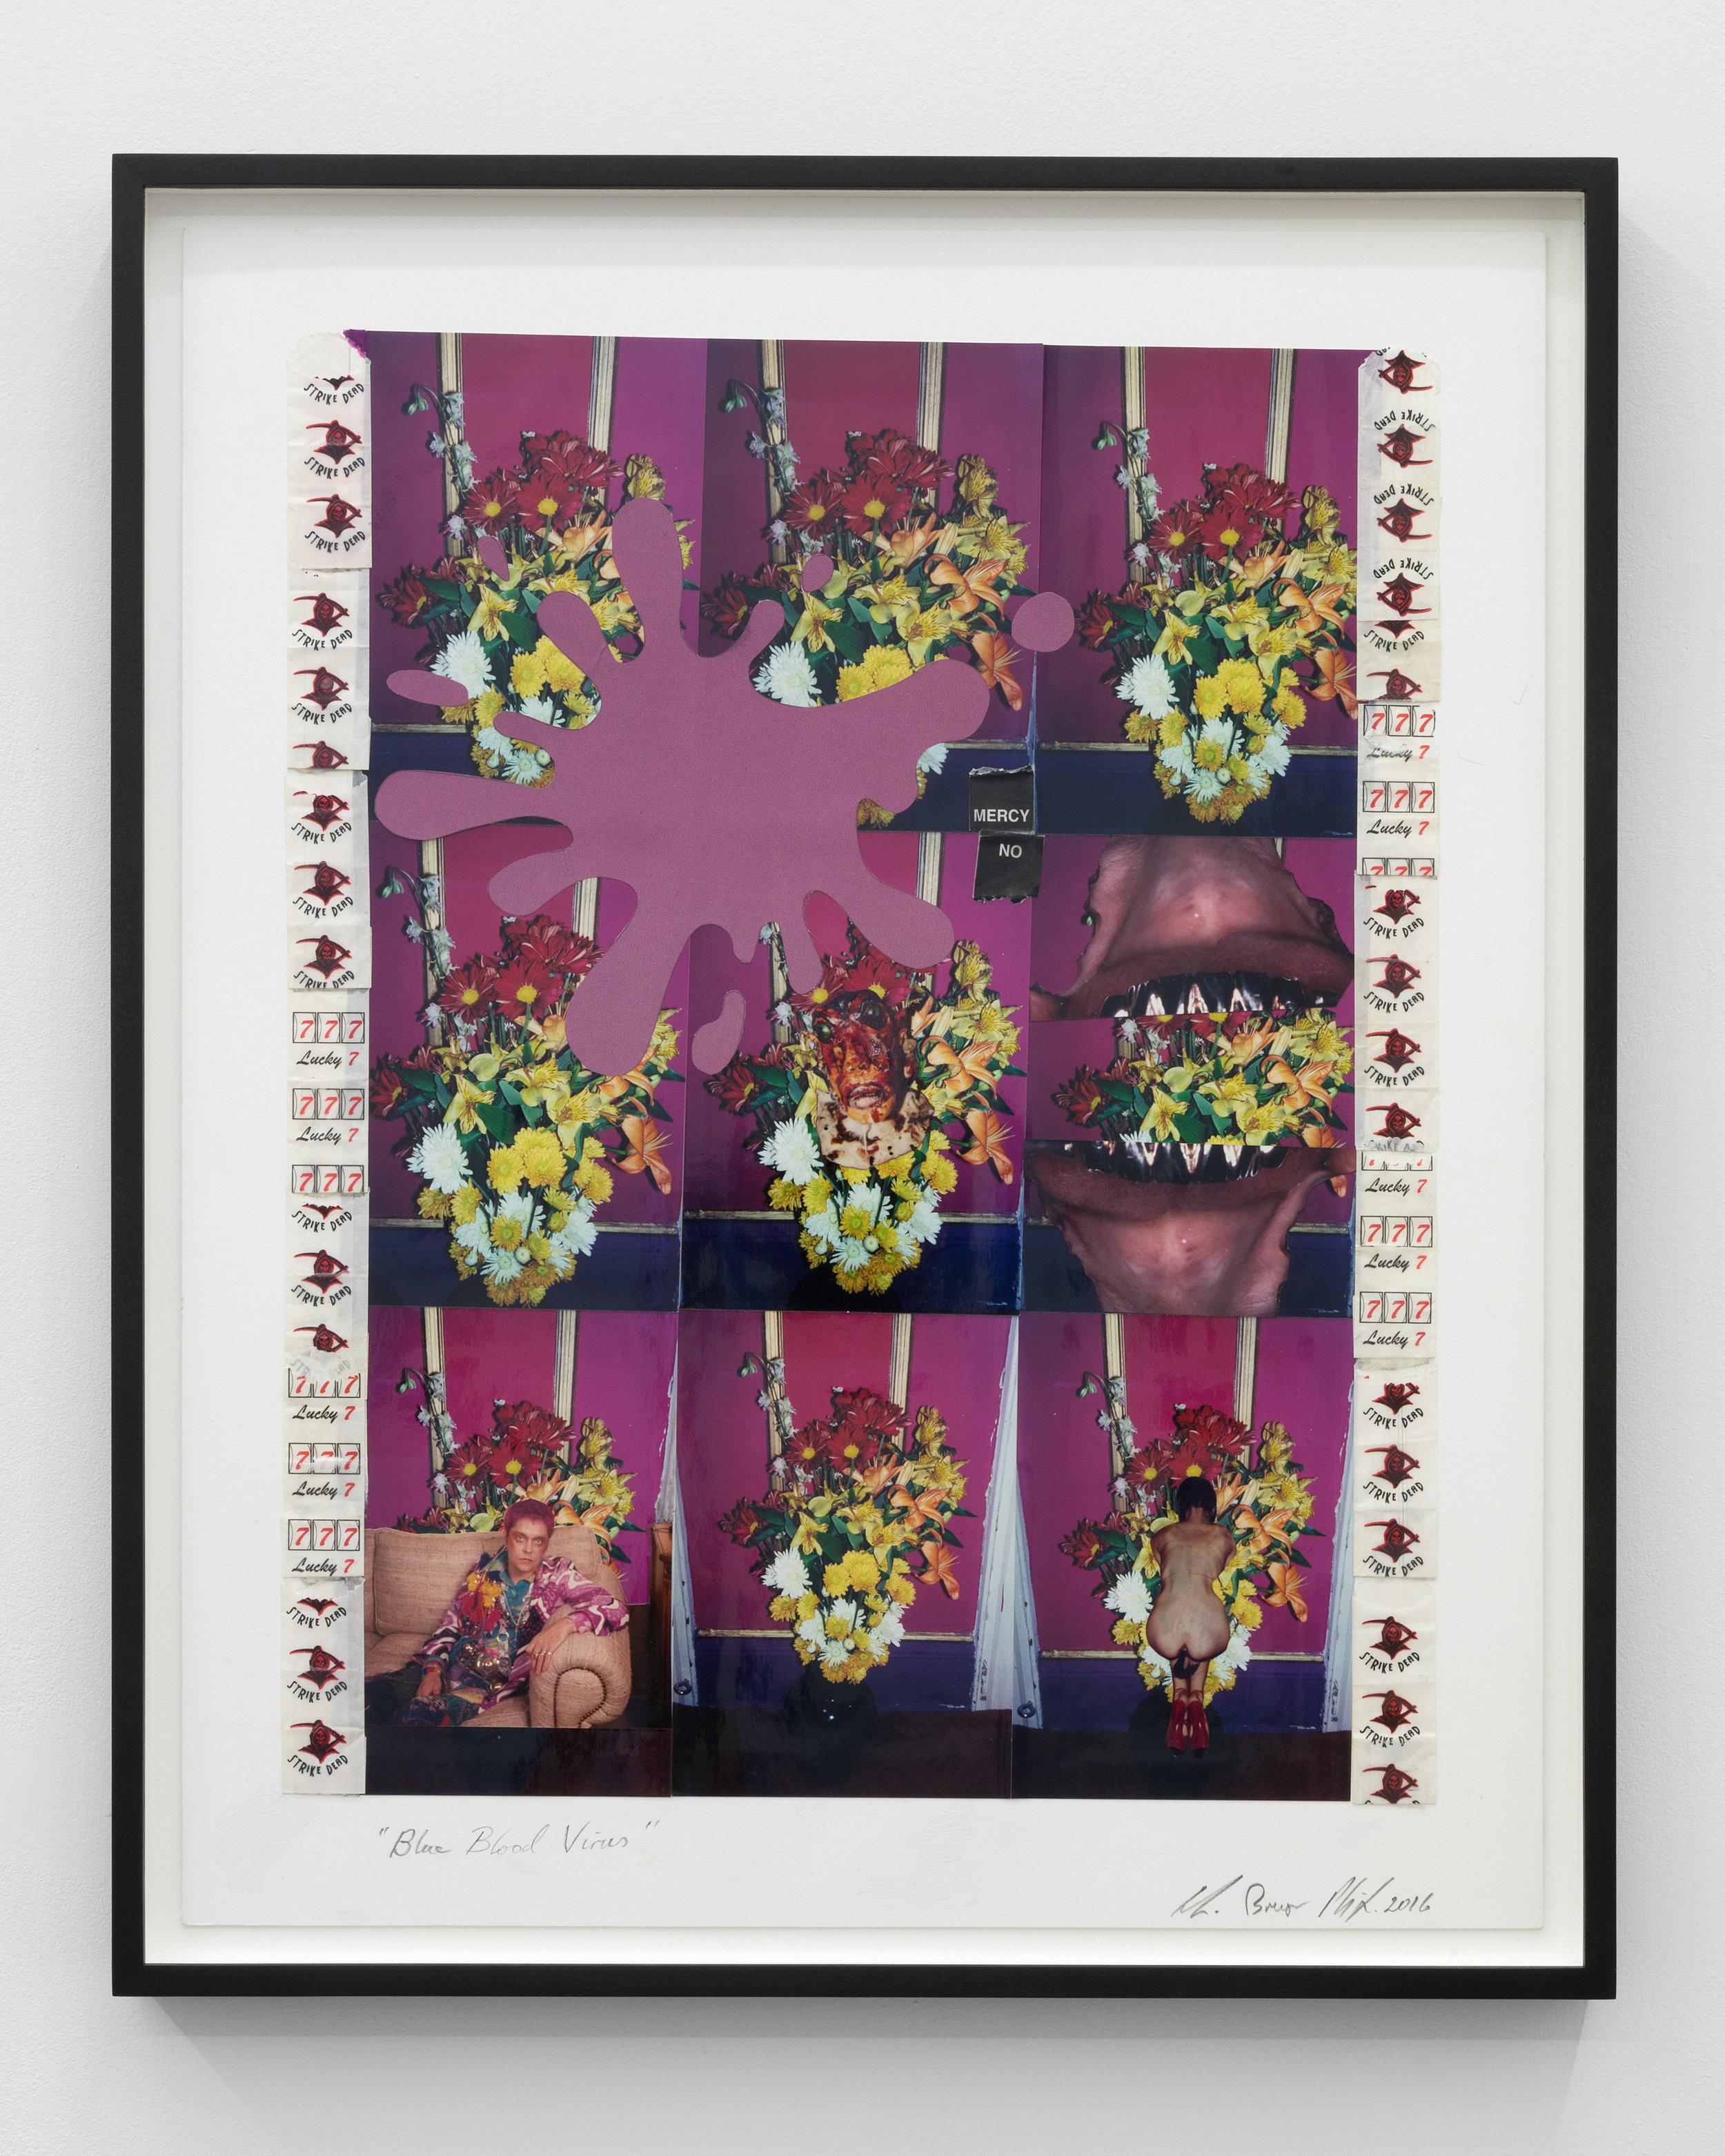 Genesis BREYER P-ORRIDGE,  Blue Blood Virus , 2016, Postcards, polaroid, c-prints, inkjet print, heroin bags, 20 x 16 in